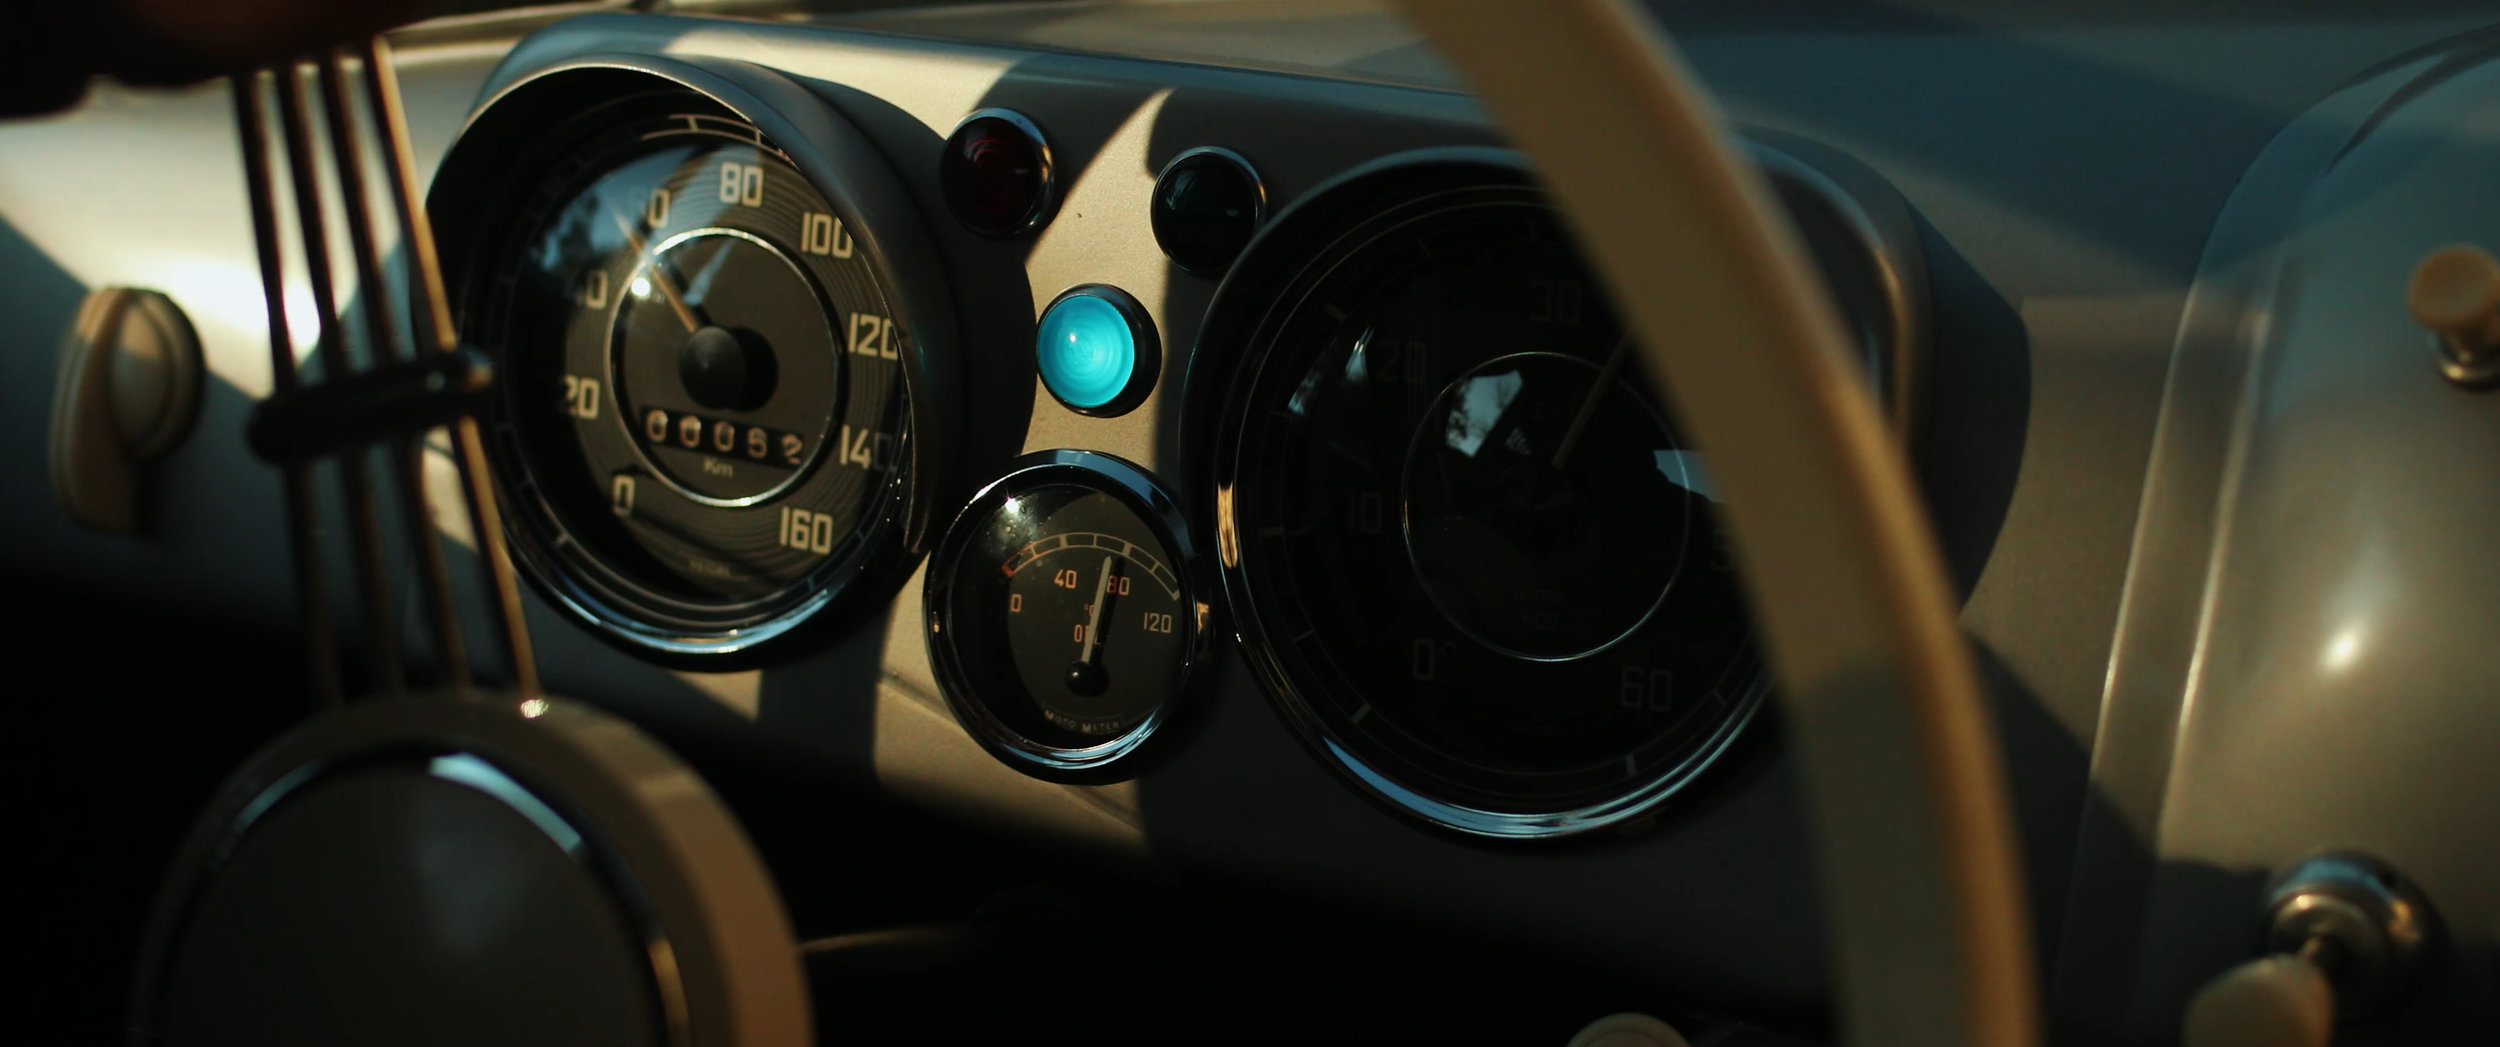 Christophorus Le Mans_v2 4K(cinemascope).mp4.00_05_40_10.Still032.jpg